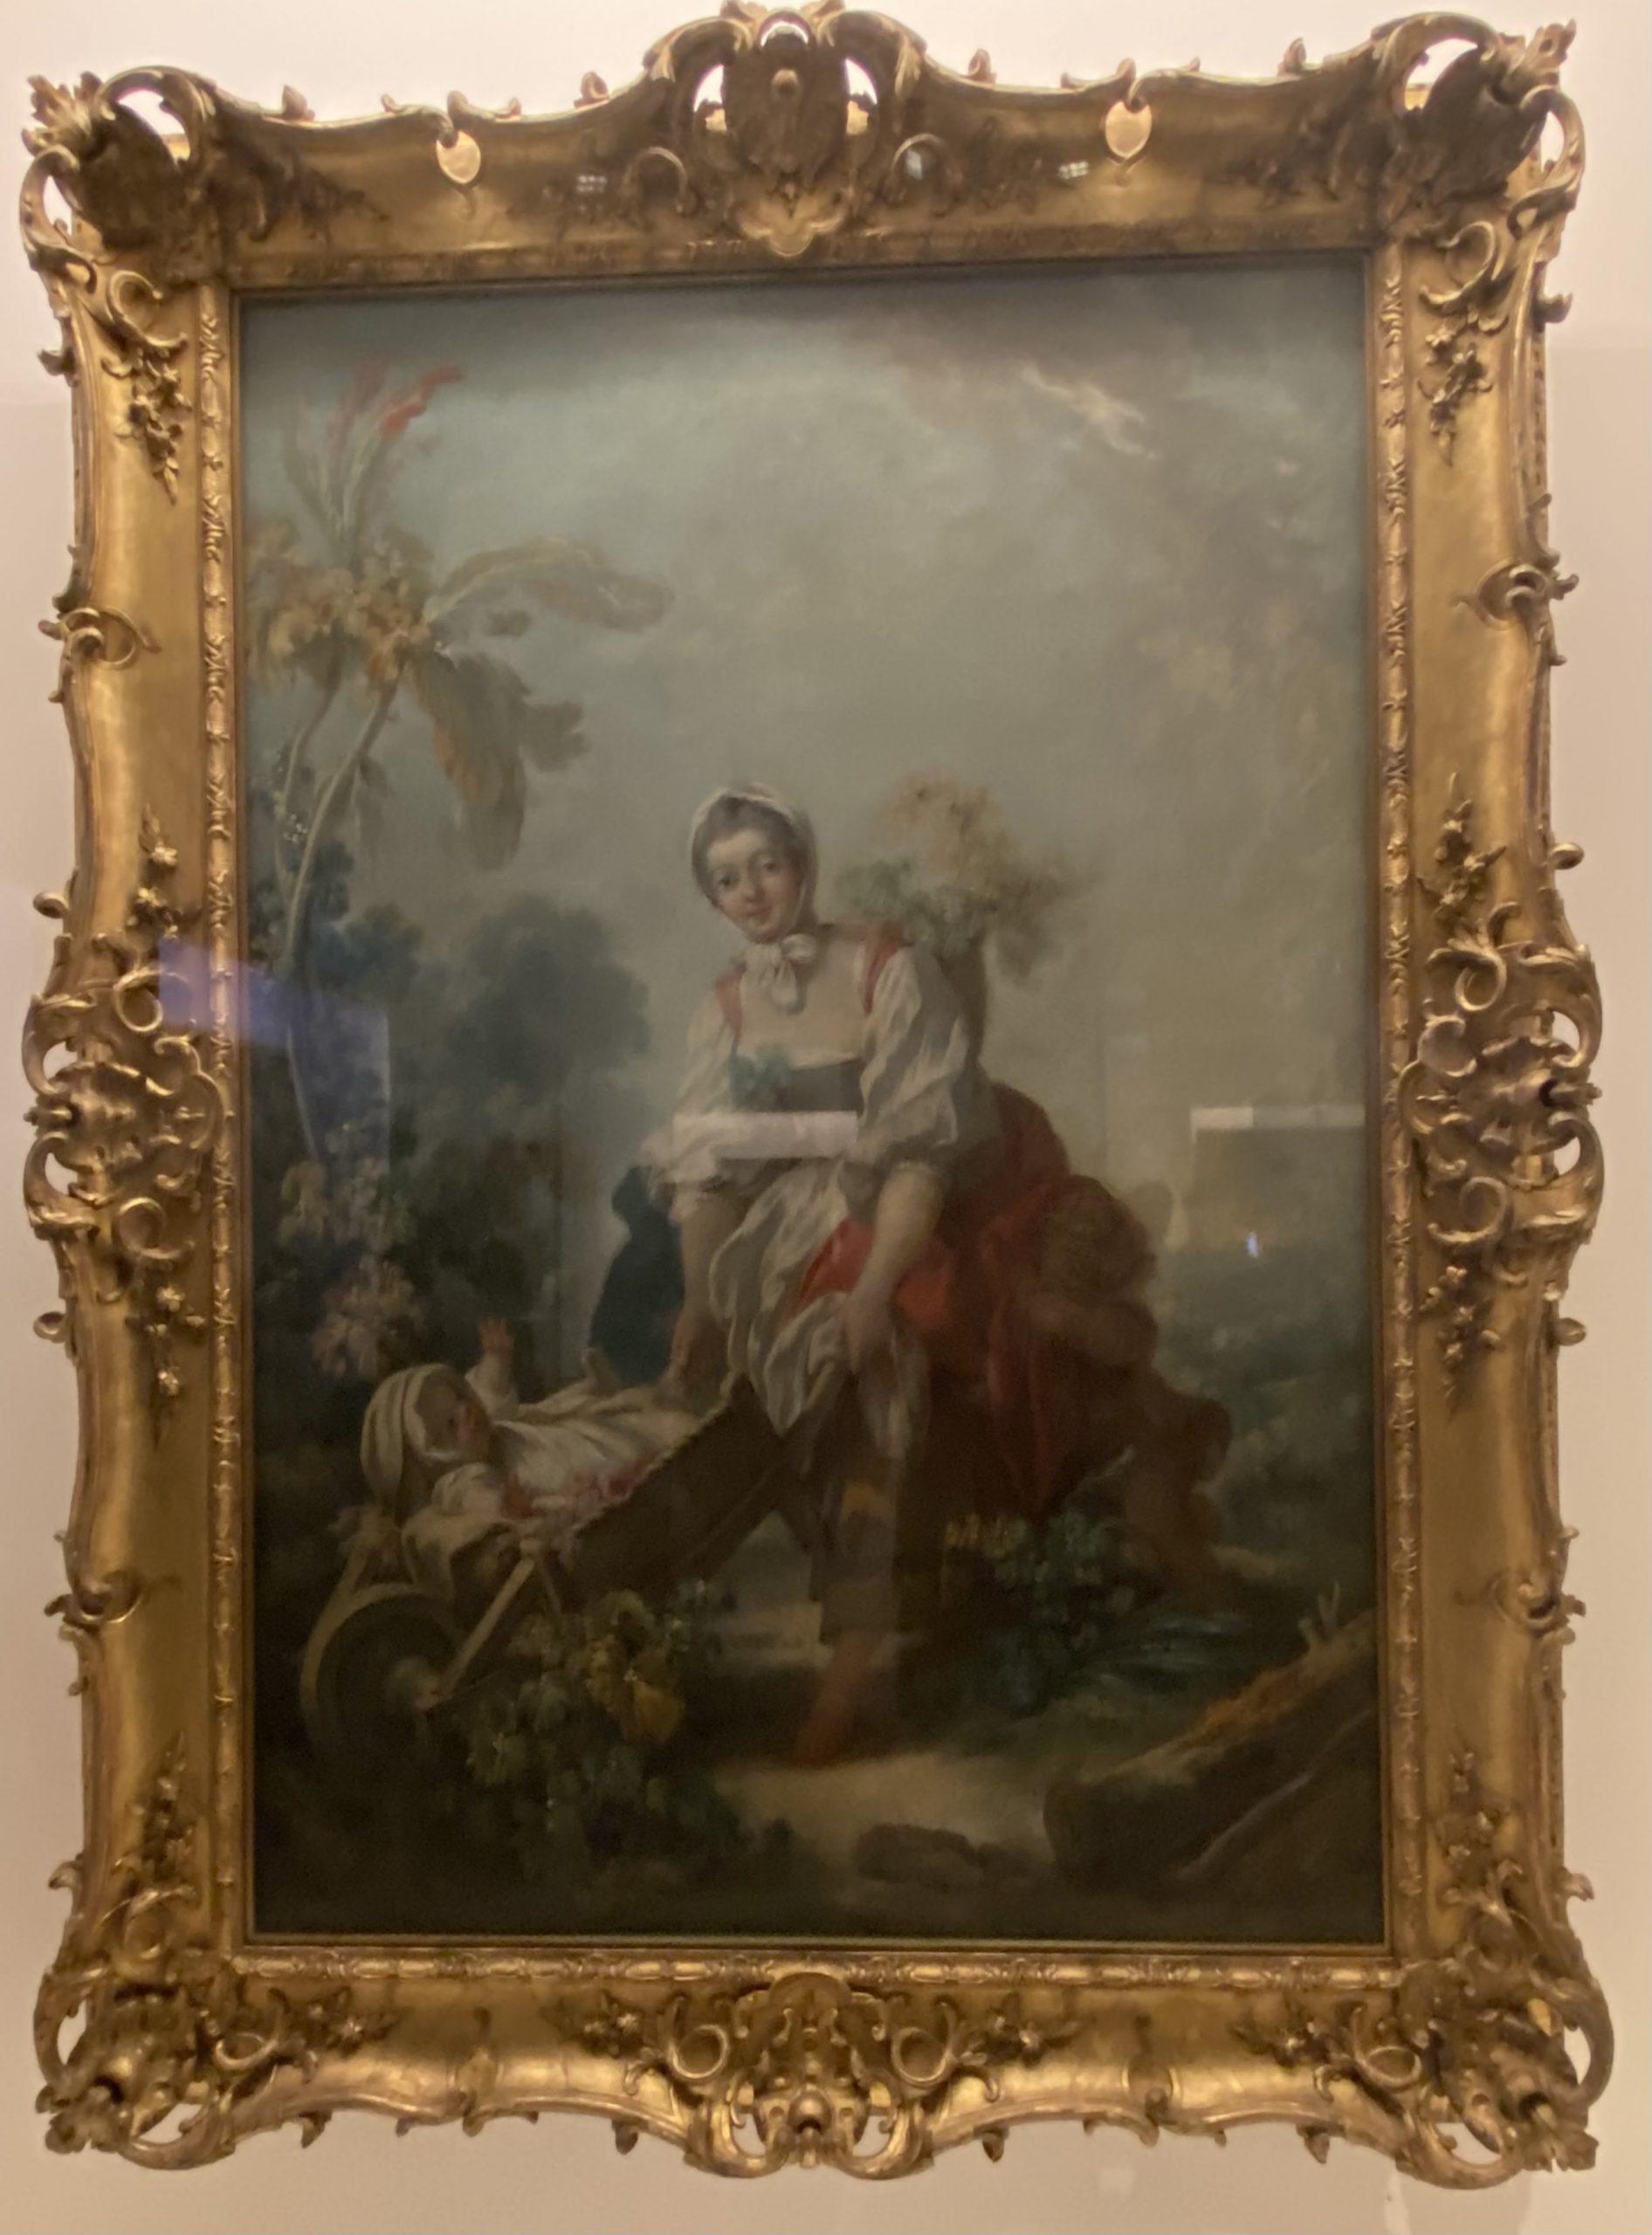 母愛の喜び-ジャン・オノレ・フラゴナール-フランス-特別展【光影浮空-欧州絵画500年】-成都博物館